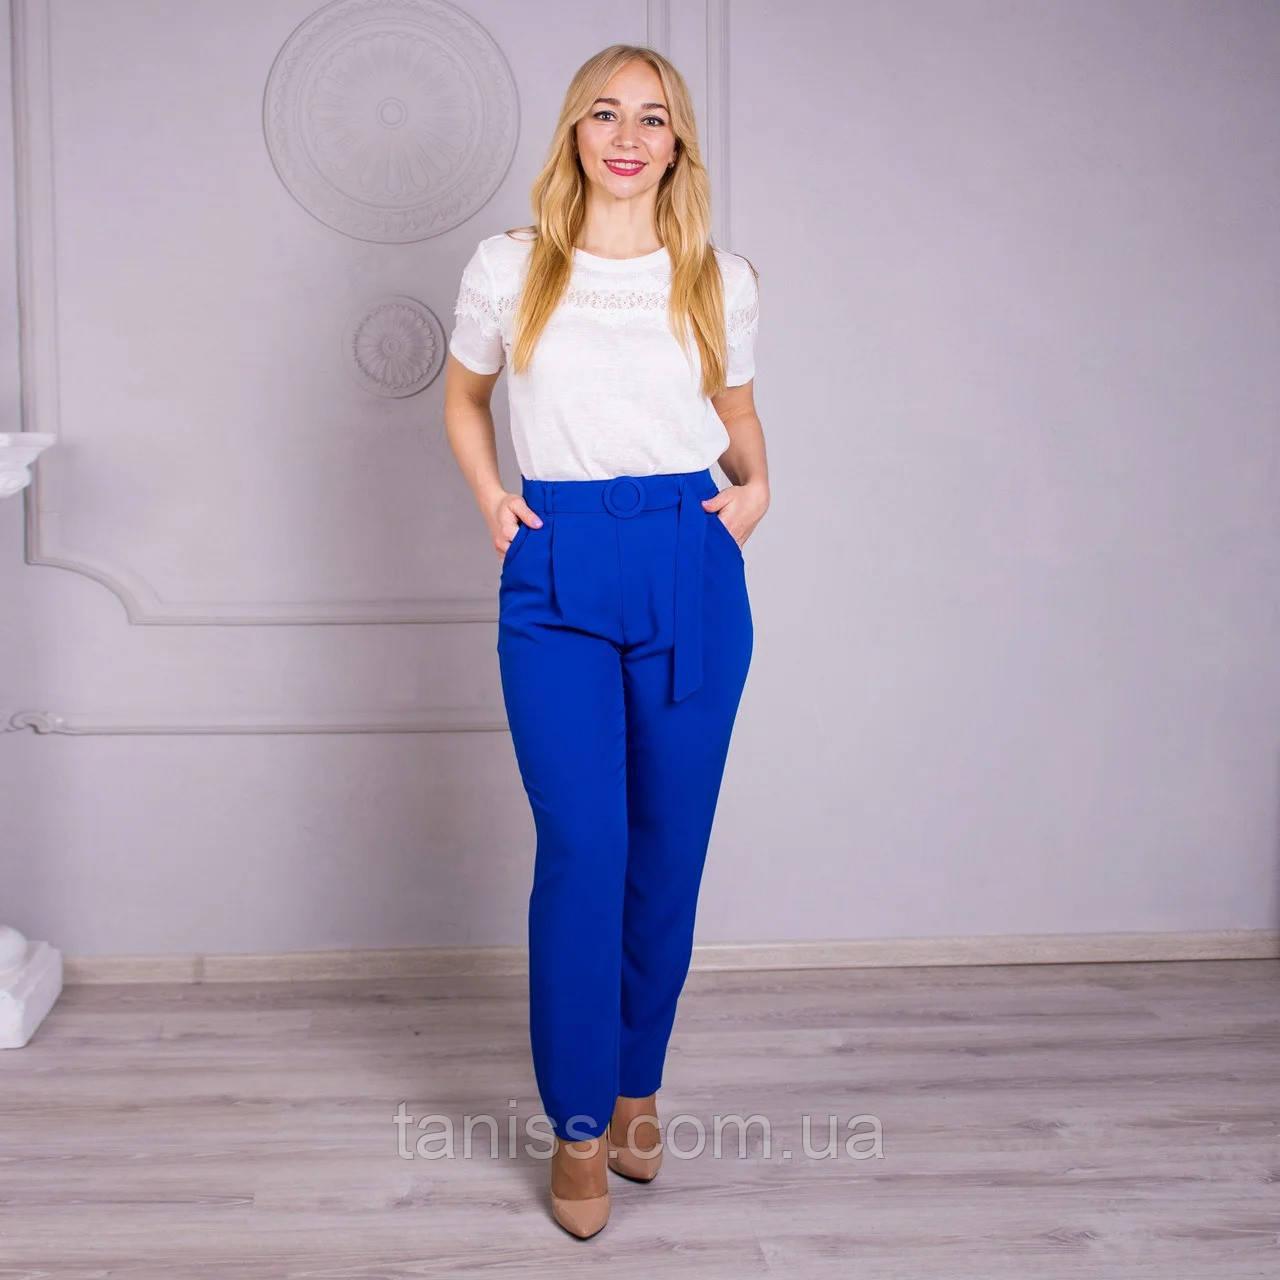 """Женские летние брюки """"Яна, ткань костюмный стрейч, размеры 46,48,50,52,54,56, электрик, брюки"""